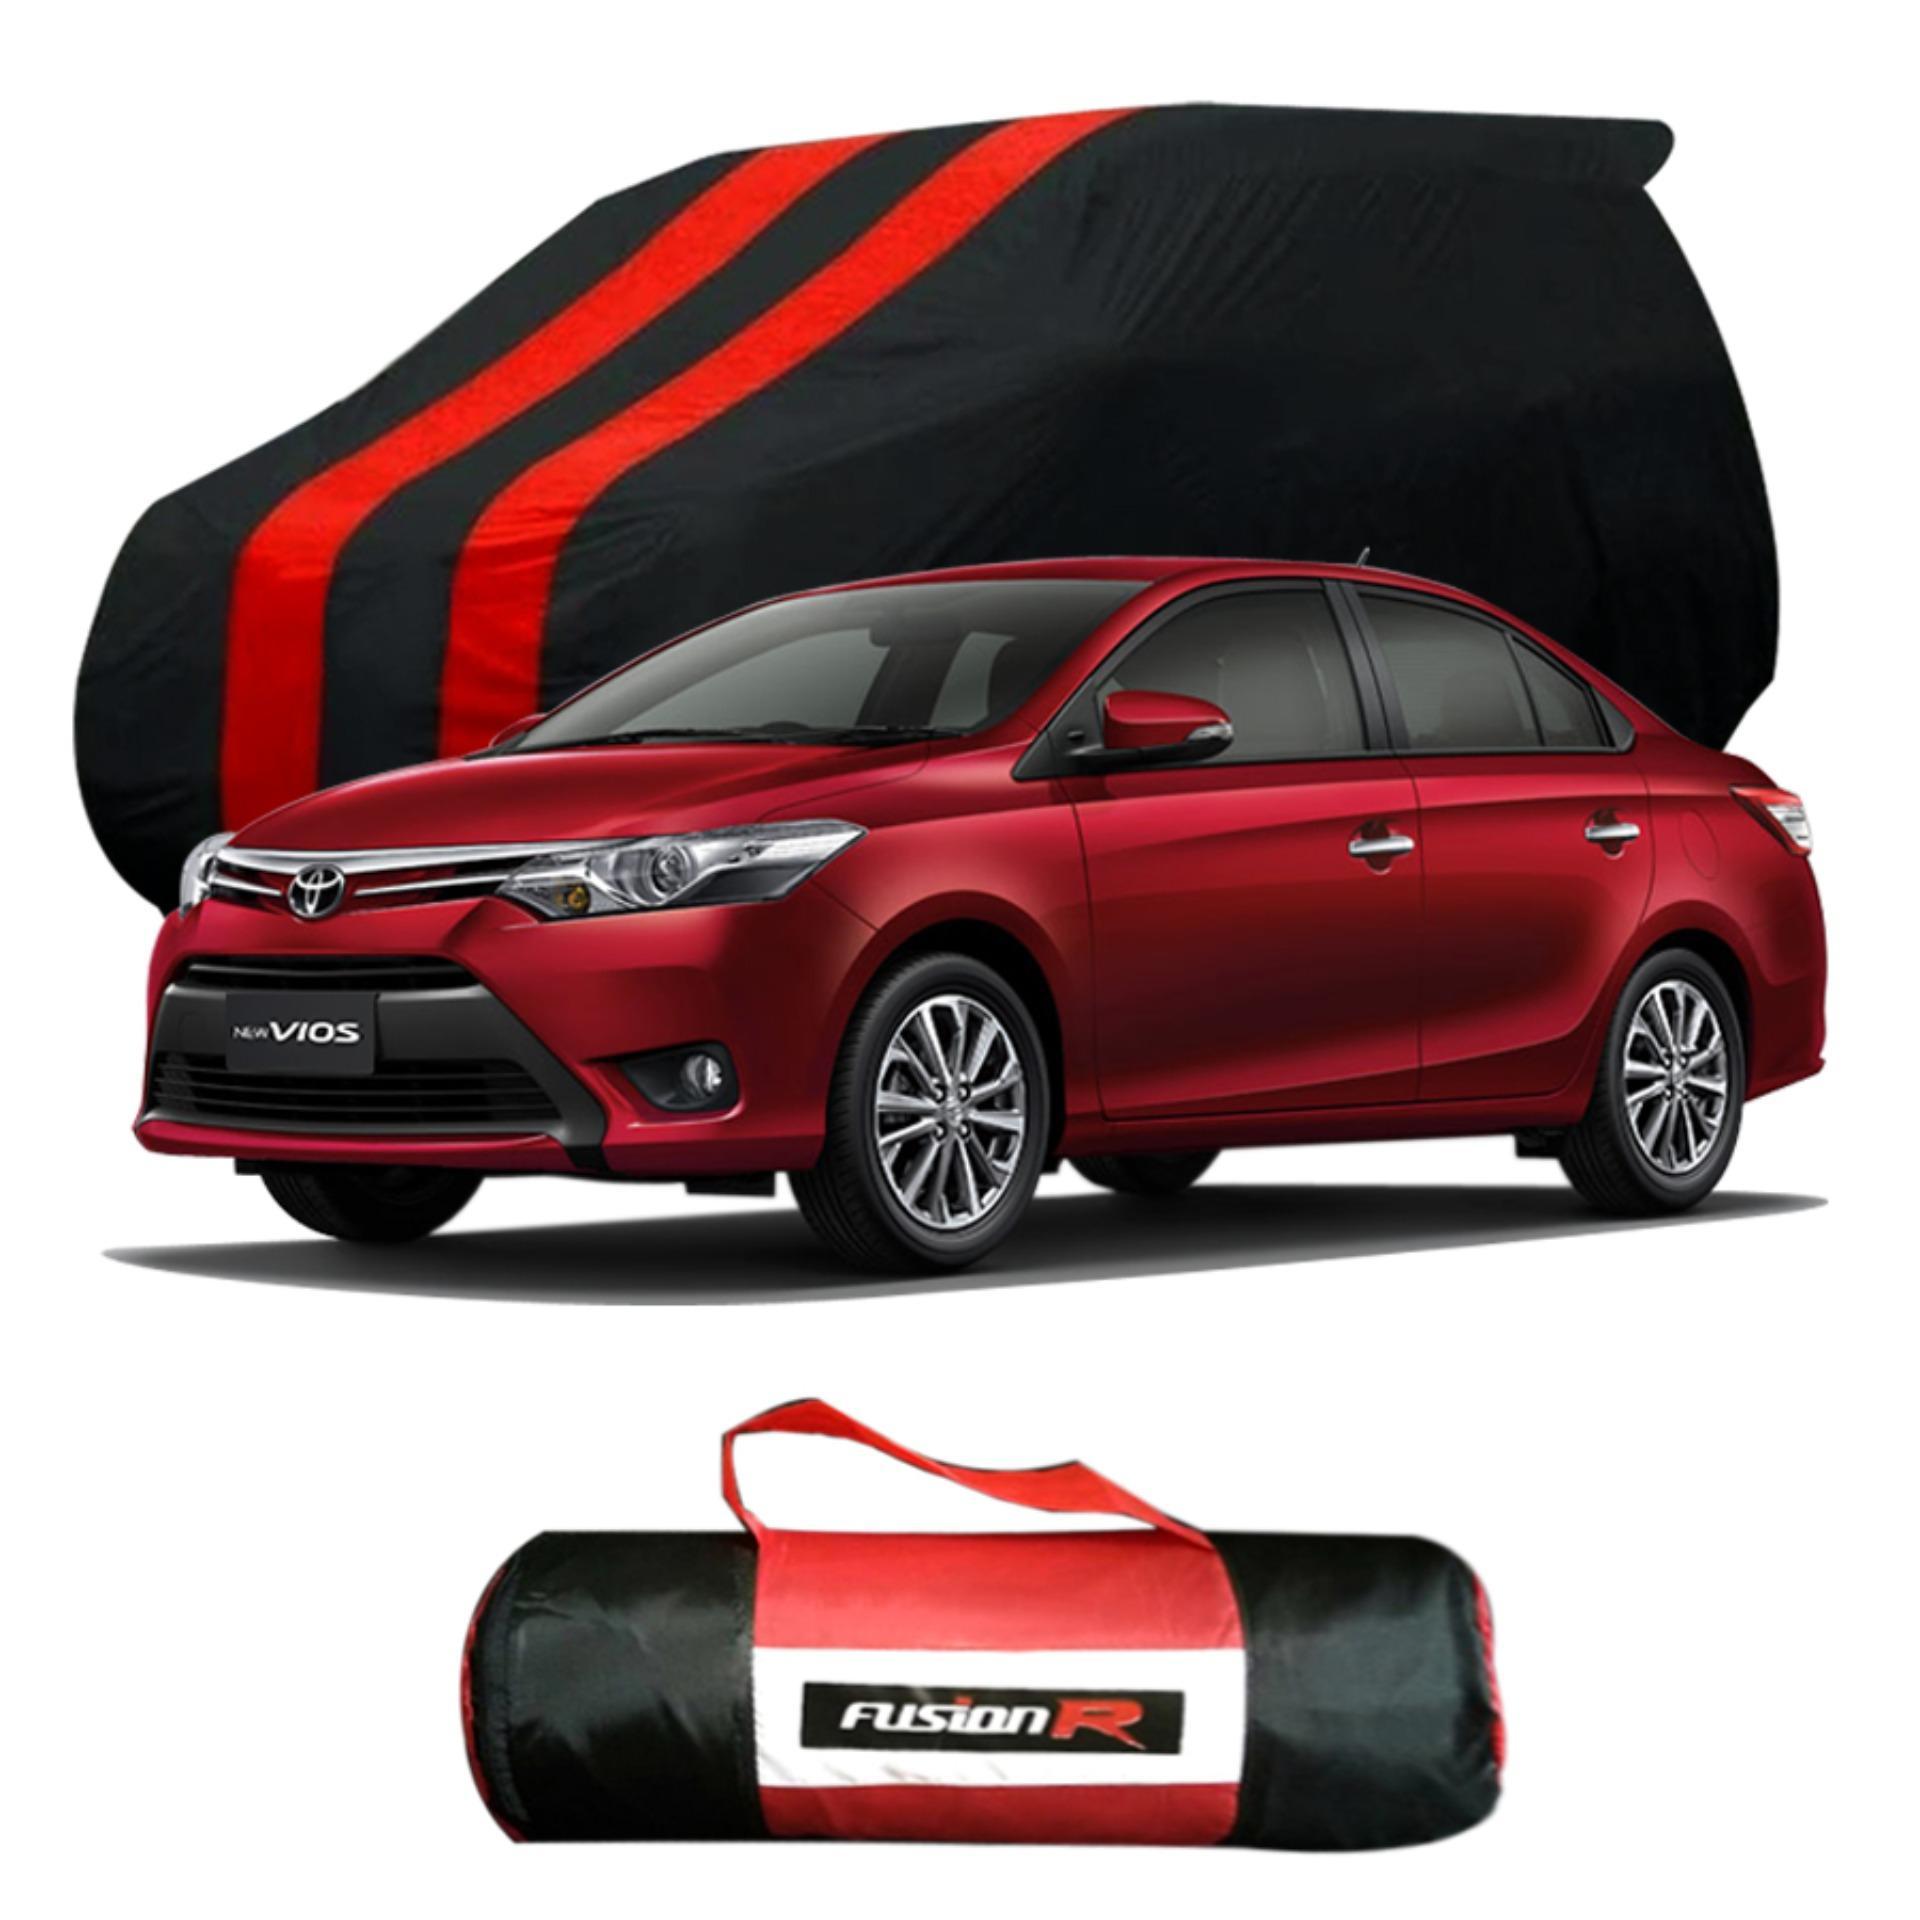 Kehebatan Sarung Cover Penutup Mobil Sedan Middle Vios Soluna Baleno Body Selimut Bodi Toyota Car Vanguard Merah Hitam Waterproof Premium